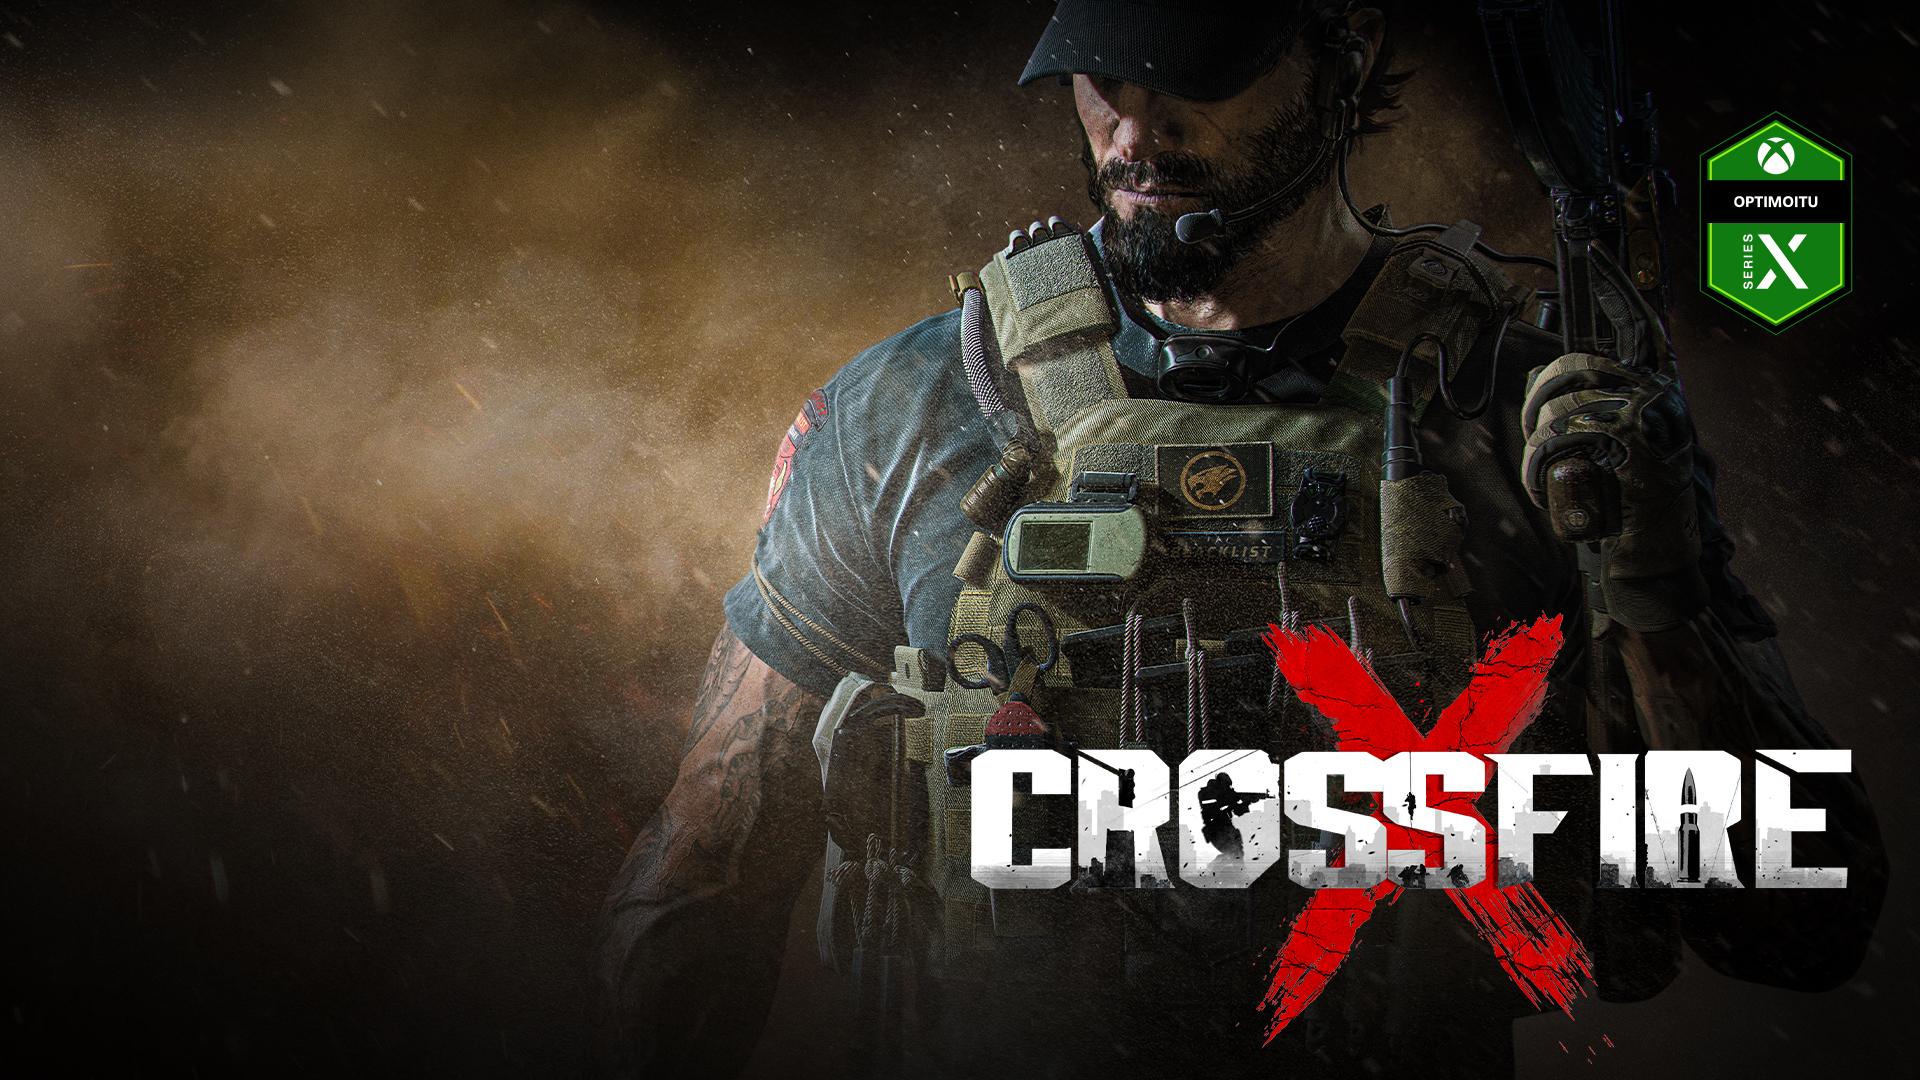 CrossfireX, Optimoitu Xbox Series X:lle, Raskaasti varustautunut mies seisoo savun ja tuhkan keskellä